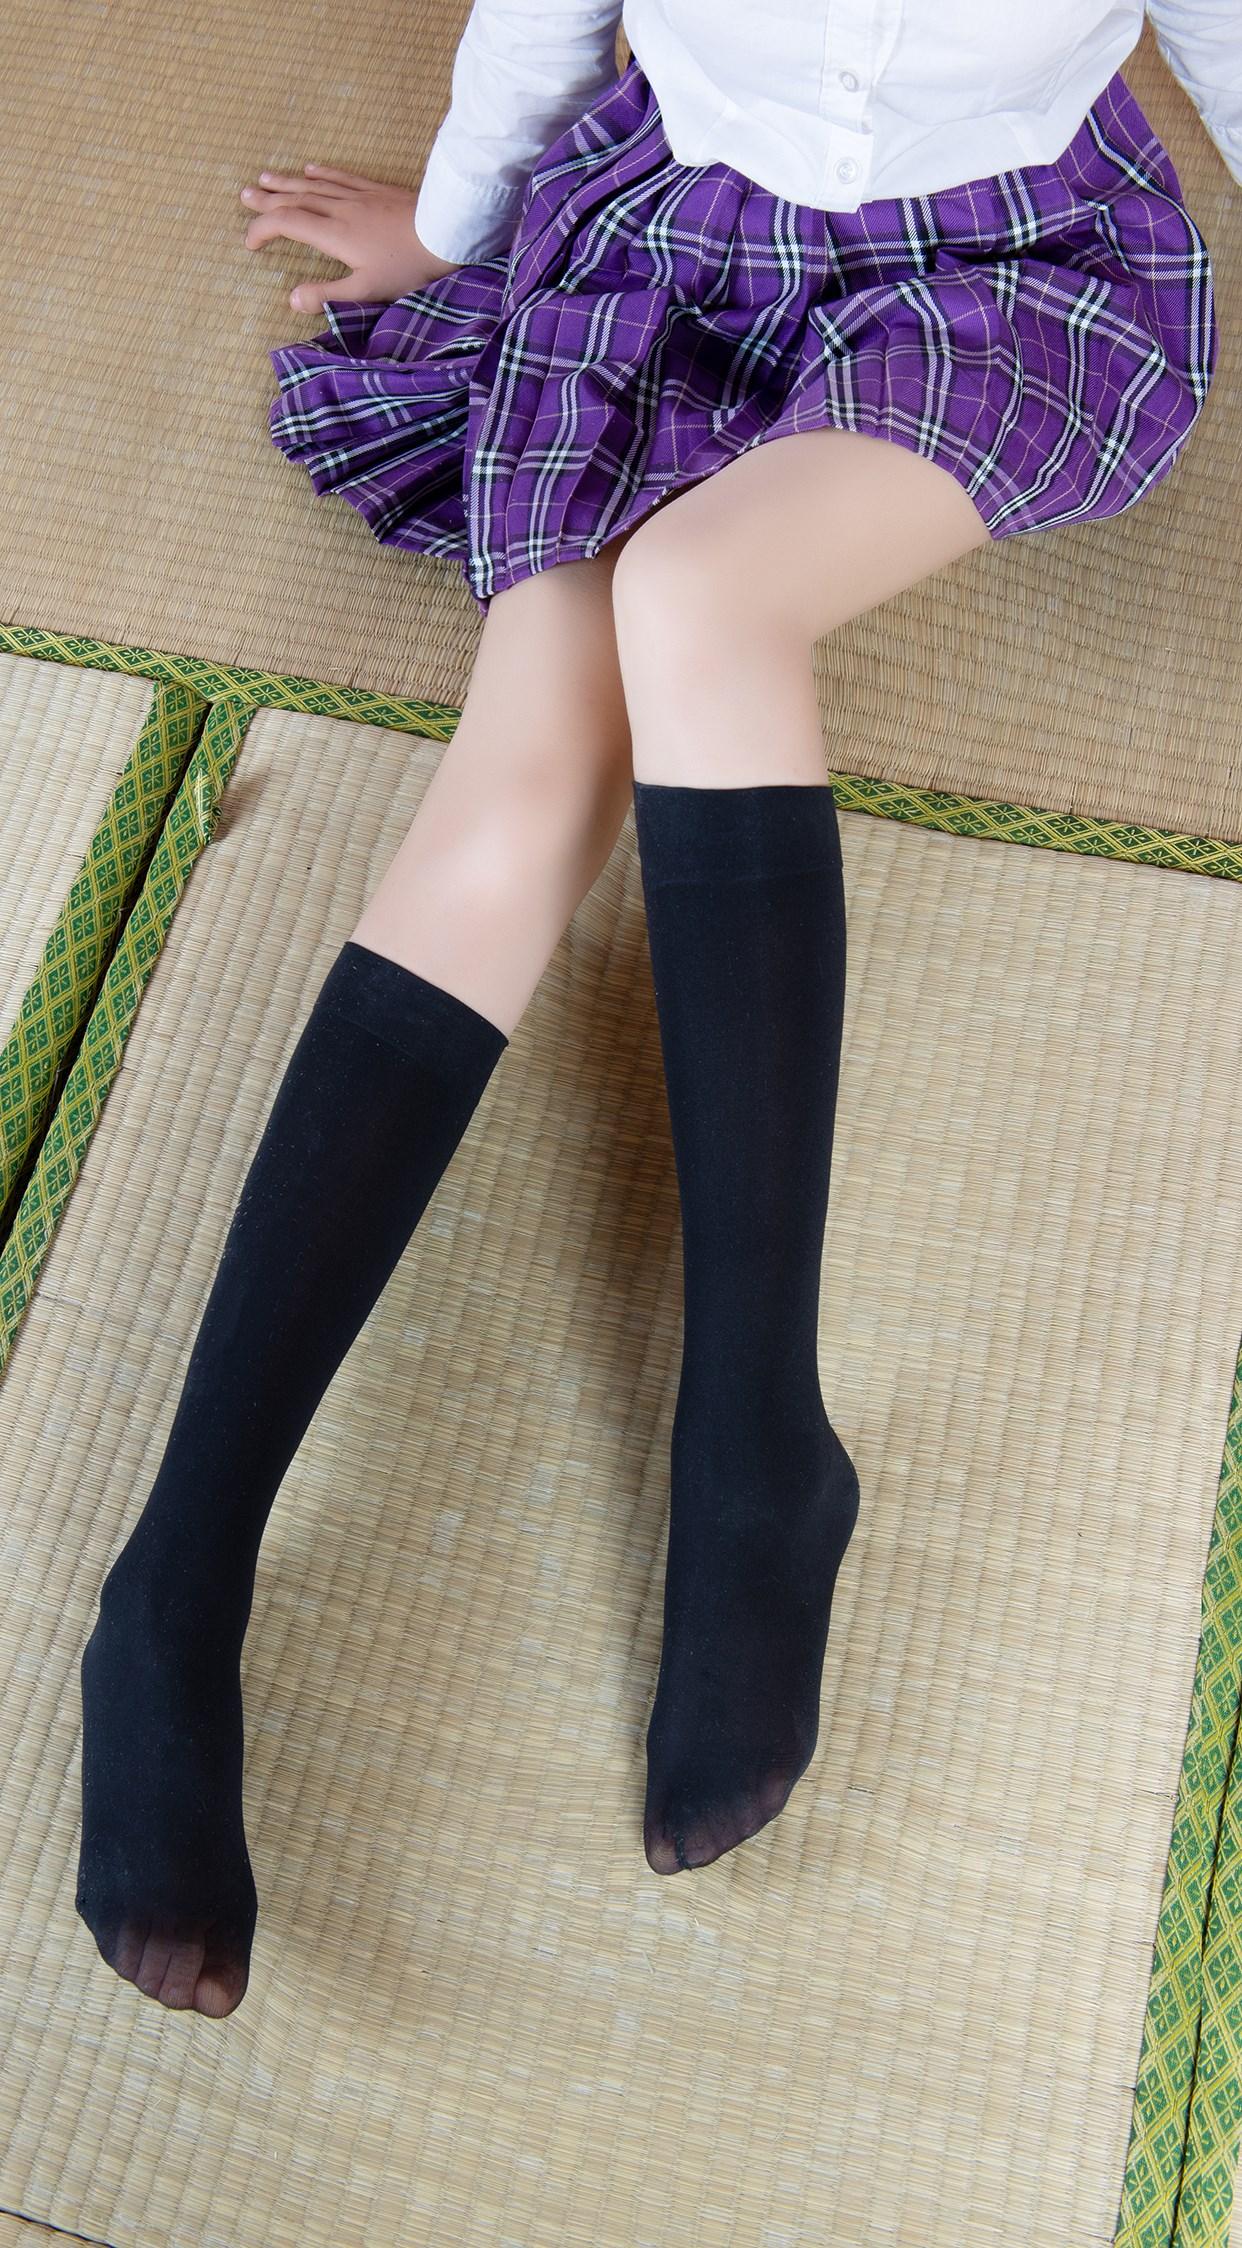 【兔玩映画】玉藻前的半筒袜 兔玩映画 第25张